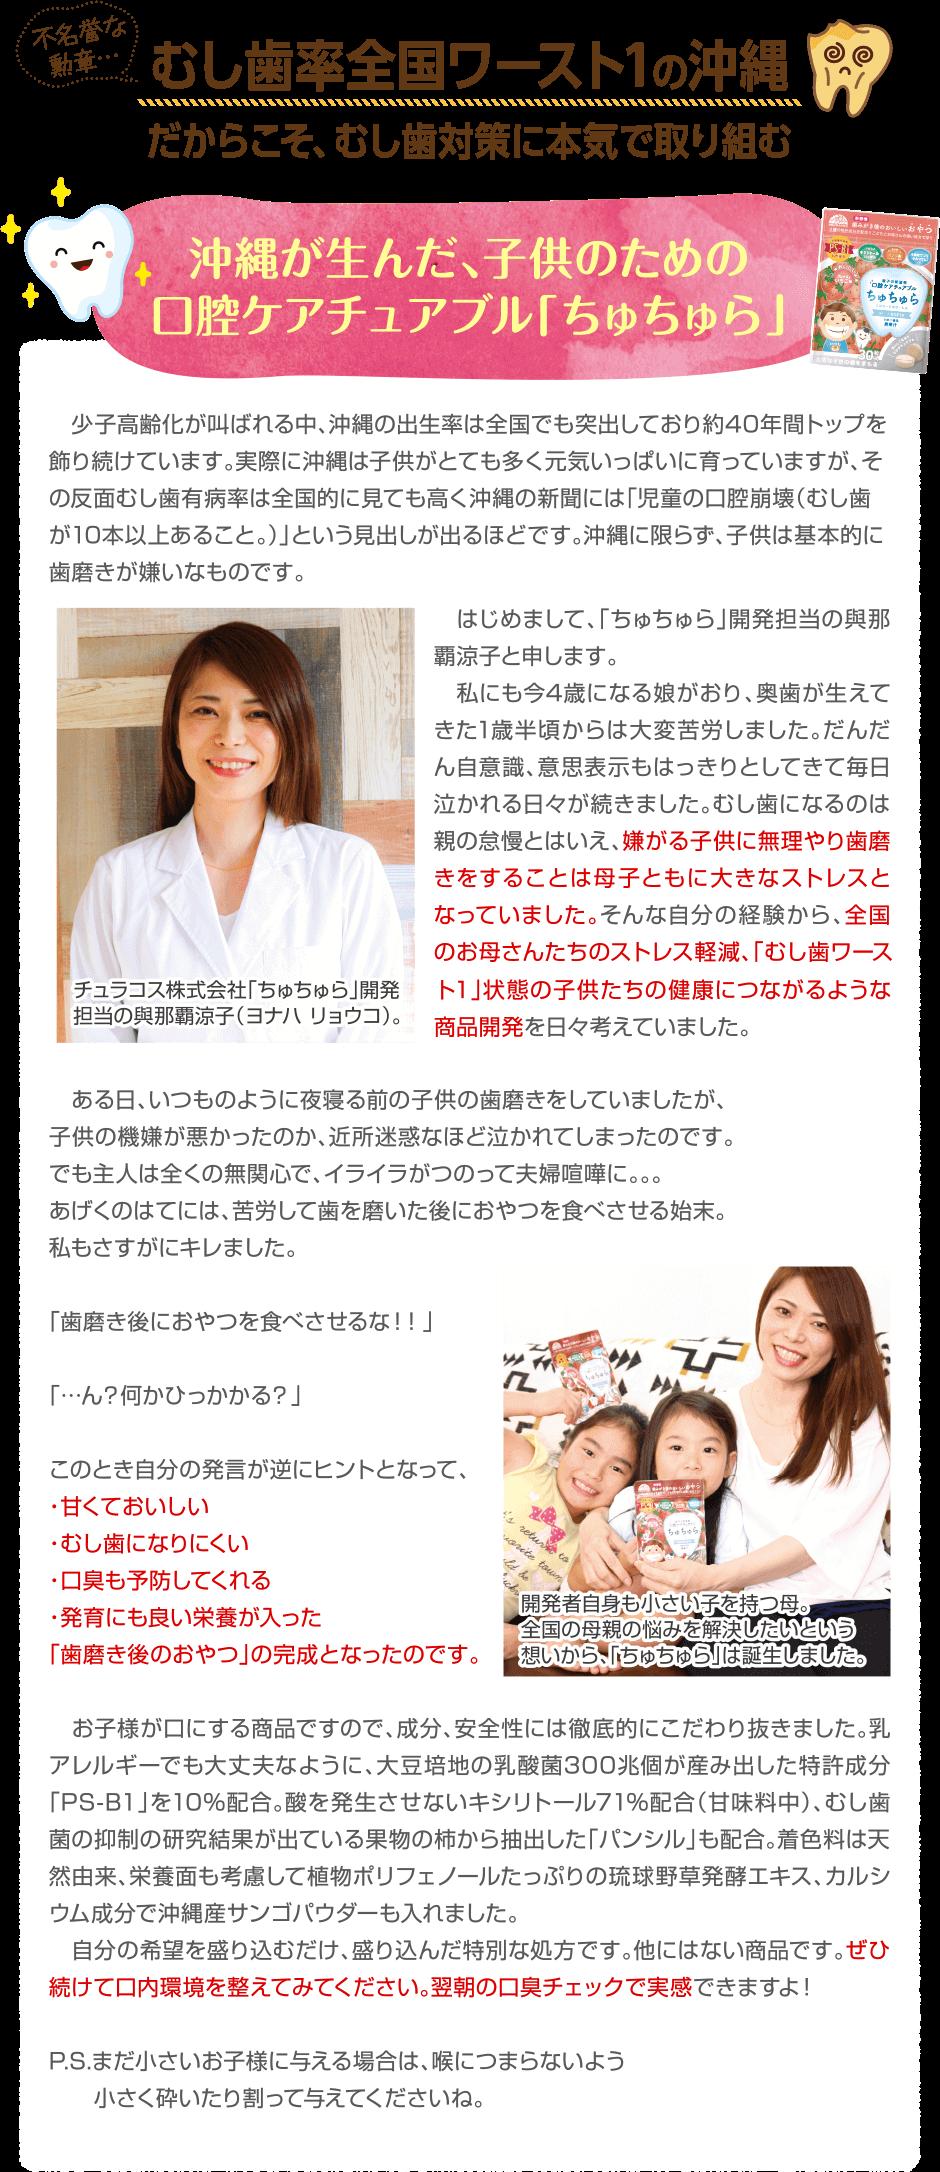 不名誉な勲章 虫歯率全国ワースト1の沖縄だからこそ虫歯対策に本気で取り組む 沖縄が生んだ、子供のための口腔ケアチュアブル「ちゅちゅら」